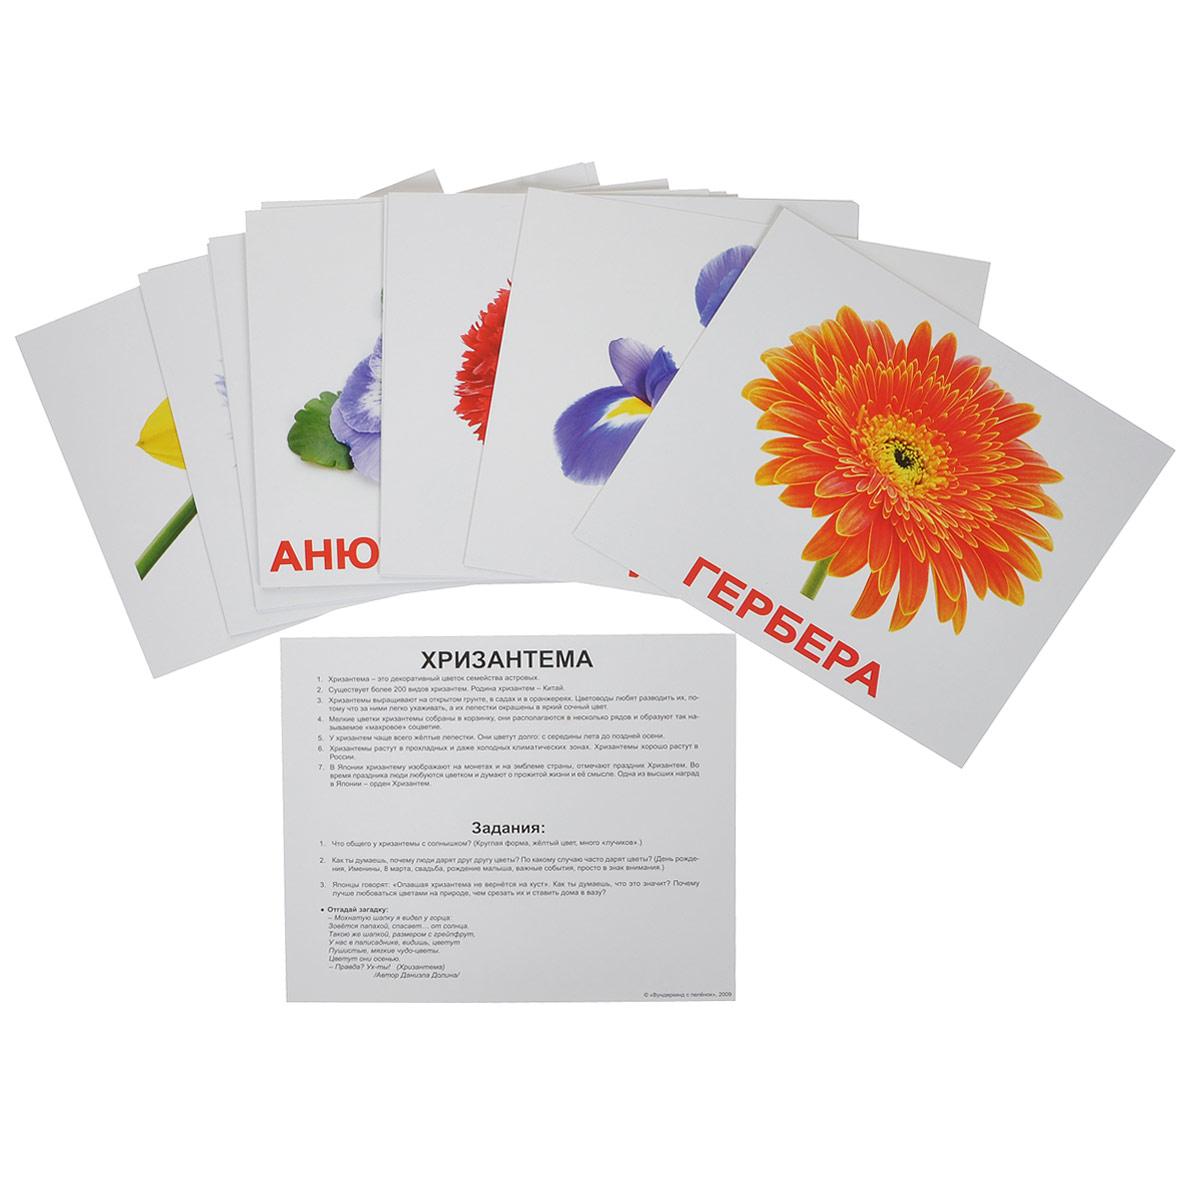 Вундеркинд с пеленок Обучающие карточки Цветы вундеркинд с пеленок обучающие карточки мои первые знания